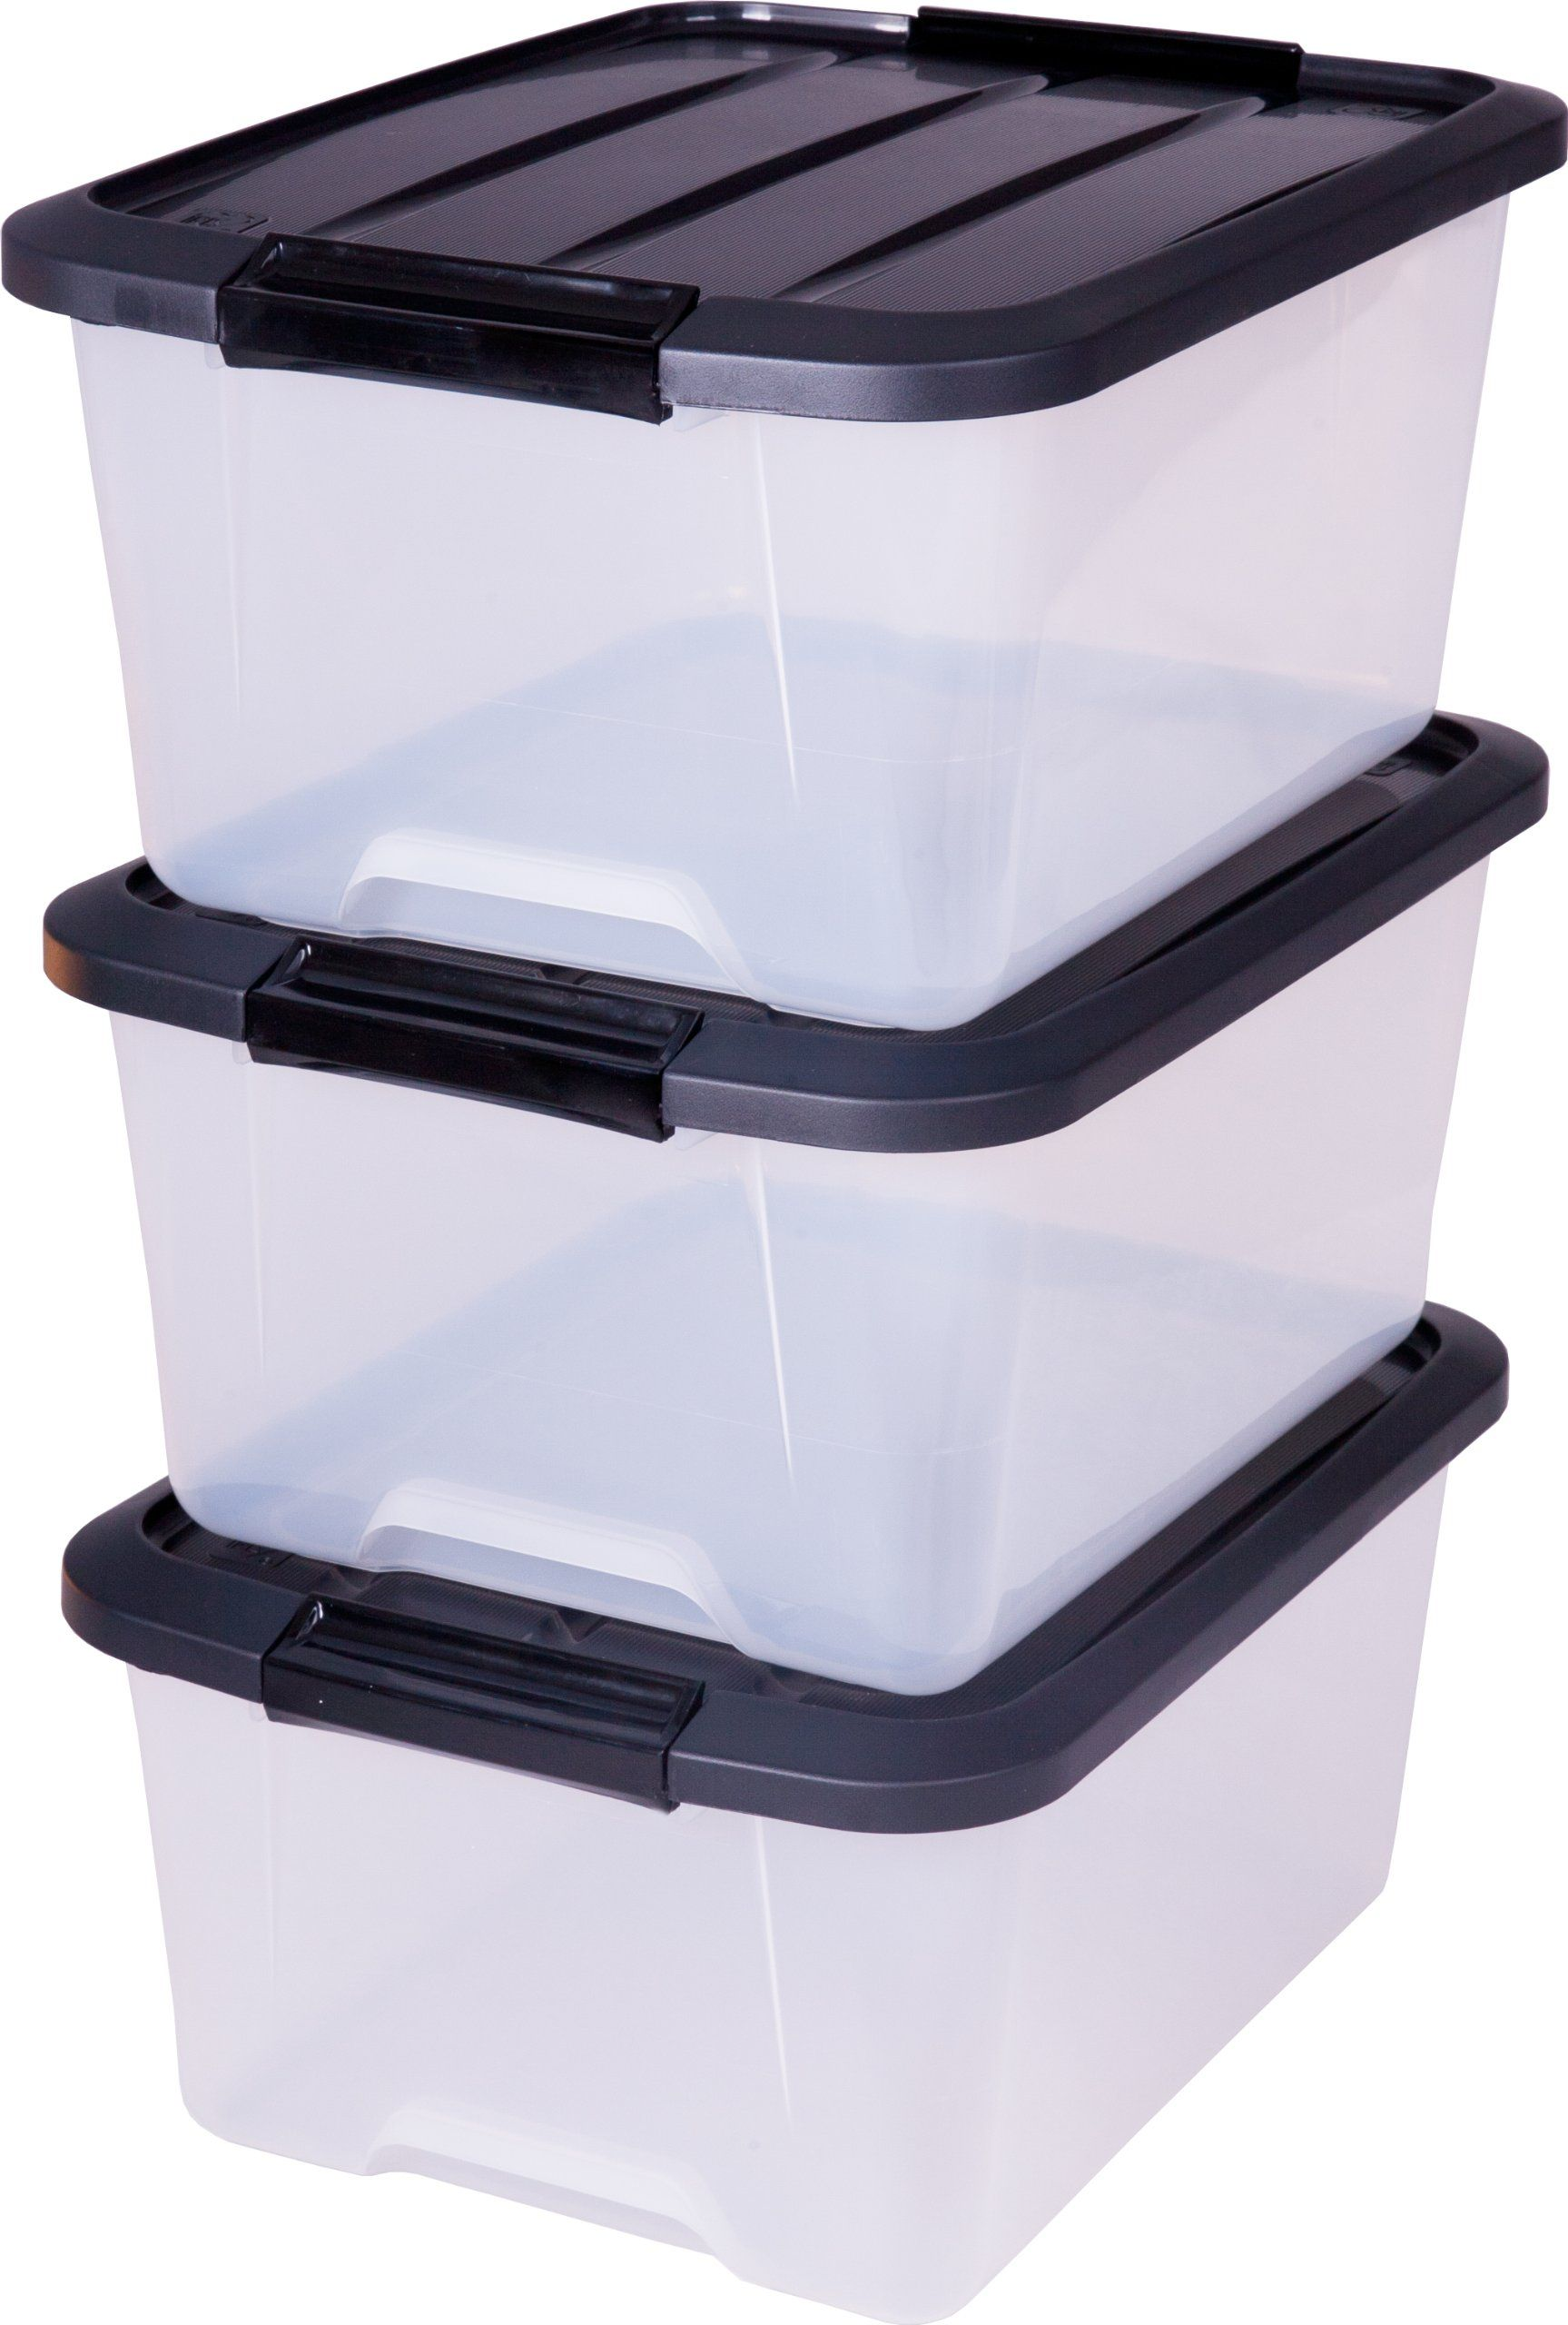 Affordable scatola litri x scatola di plastica trasparente - Ikea scatole plastica trasparente ...